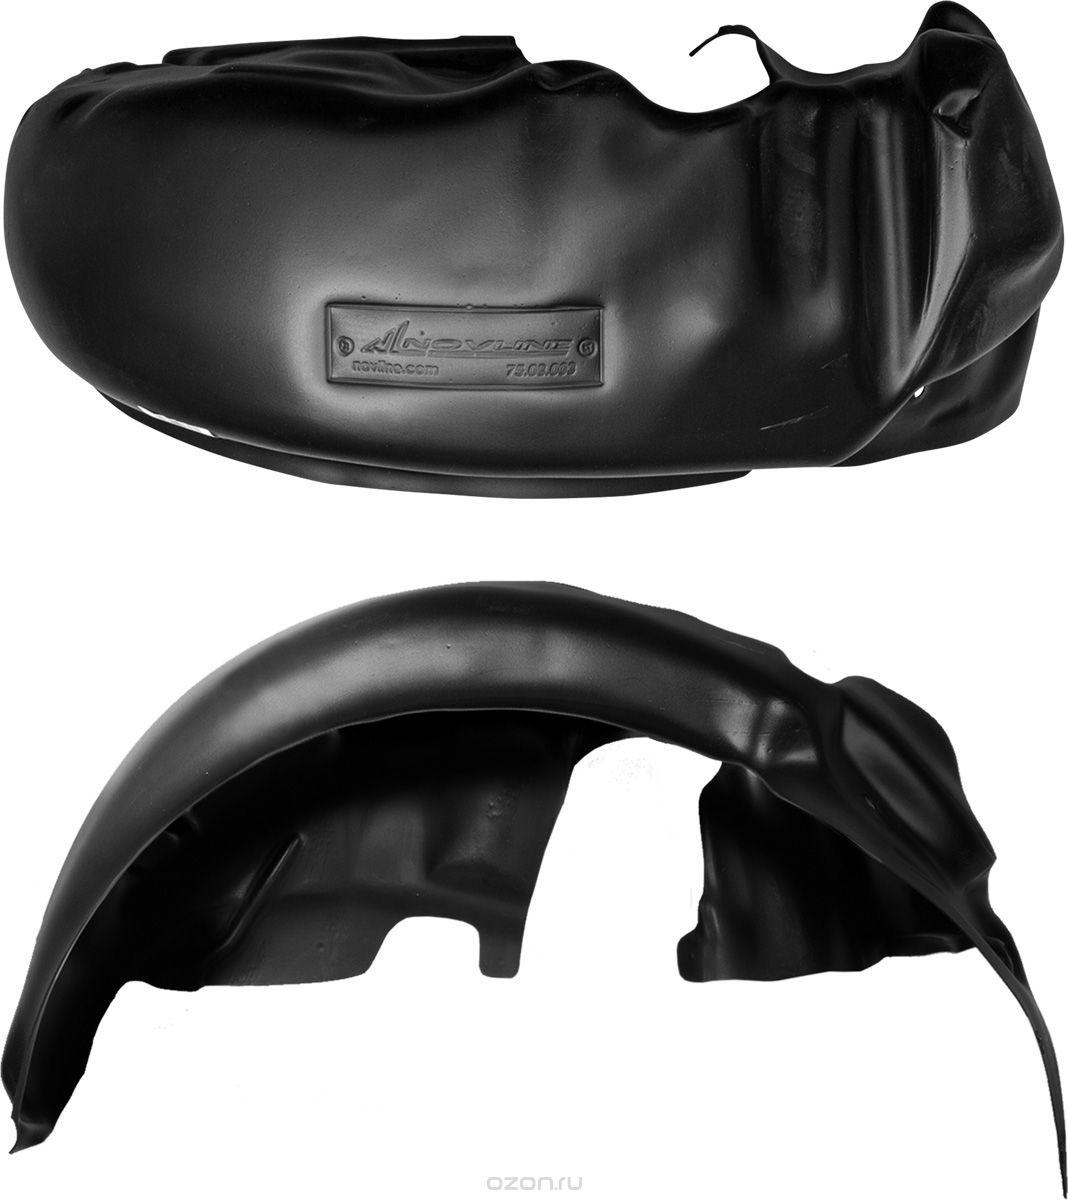 Подкрылок Novline-Autofamily, для TOYOTA Rav 4, 2012->, задний левыйSVC-300Идеальная защита колесной ниши. Локеры разработаны с применением цифровых технологий, гарантируют максимальную повторяемость поверхности арки. Изделия устанавливаются без нарушения лакокрасочного покрытия автомобиля, каждый подкрылок комплектуется крепежом. Уважаемые клиенты, обращаем ваше внимание, что фотографии на подкрылки универсальные и не отражают реальную форму изделия. При этом само изделие идет точно под размер указанного автомобиля.